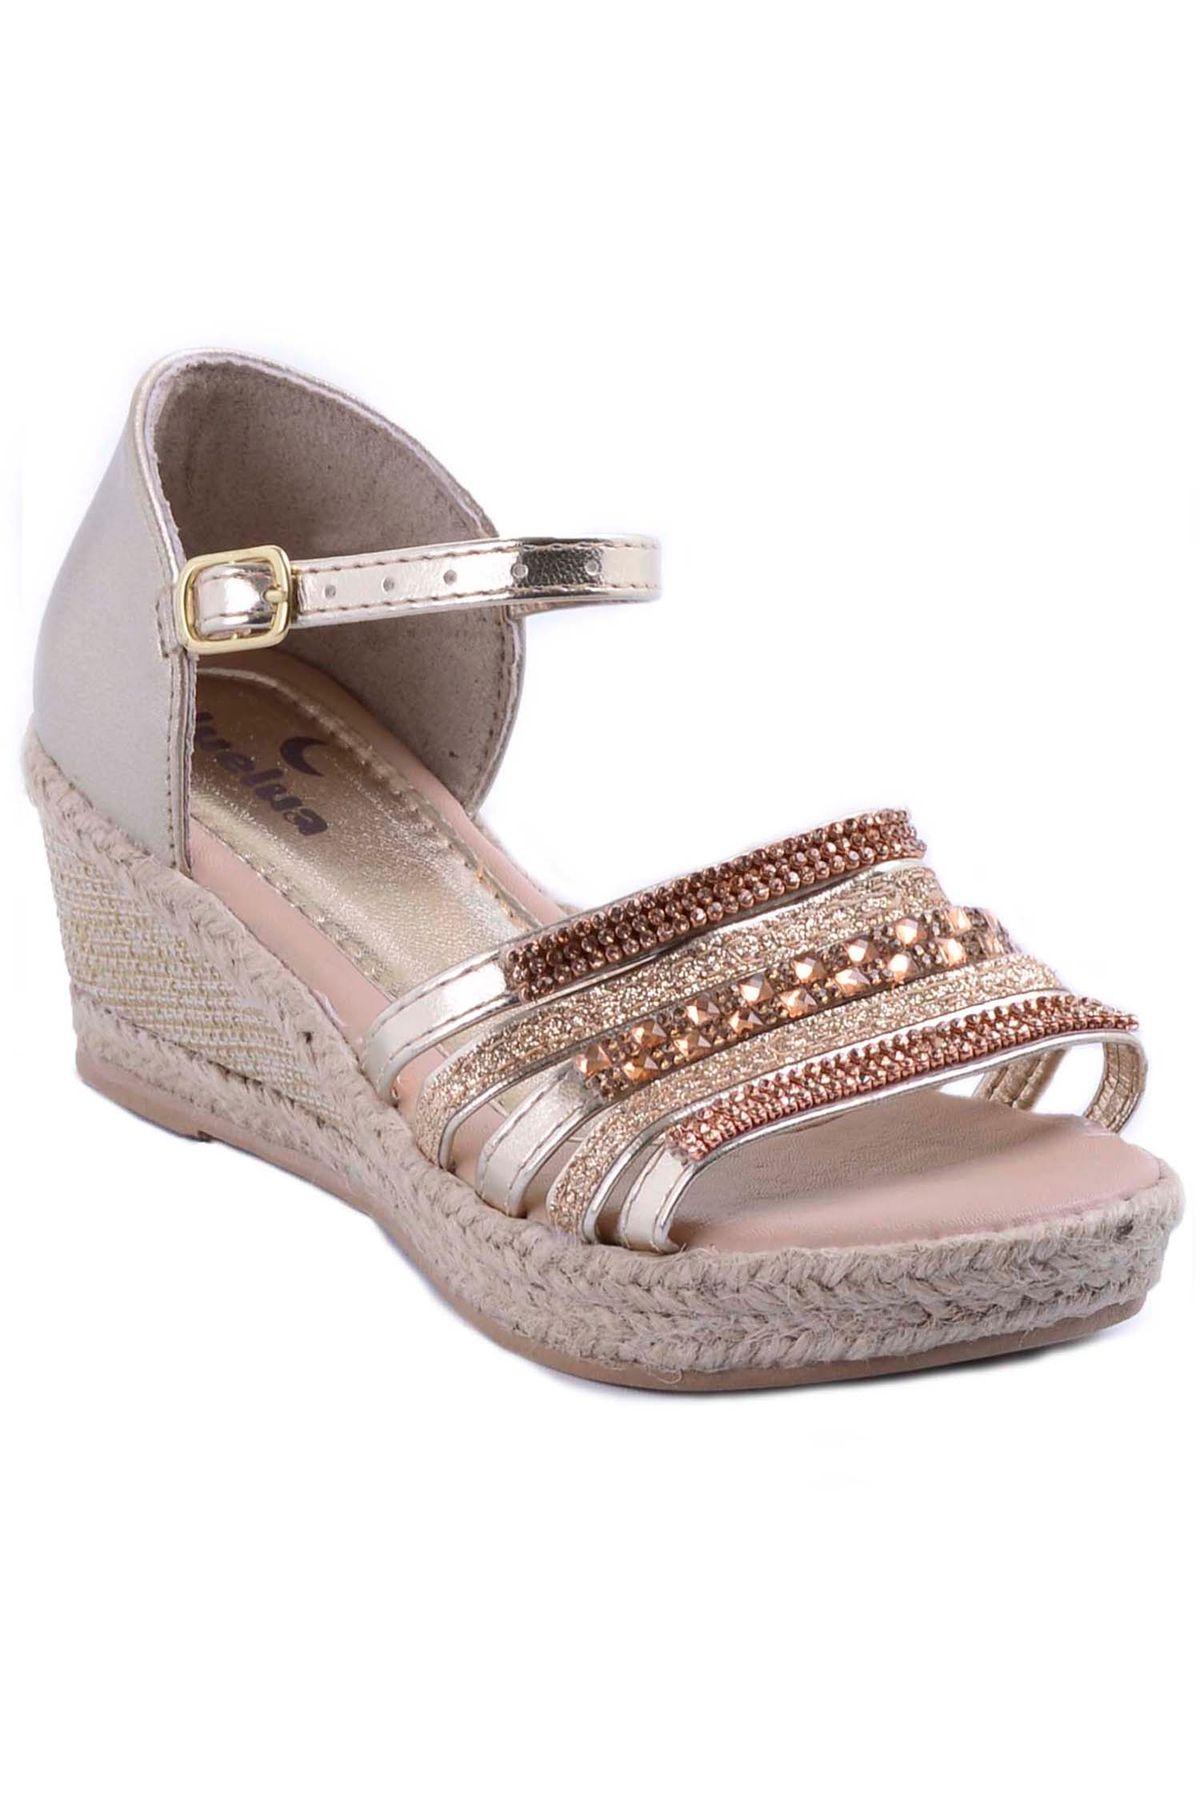 fea2ece6e86ce Sandália Anabela Luelua Kemily   Mundial Calçados - Mundial Calçados